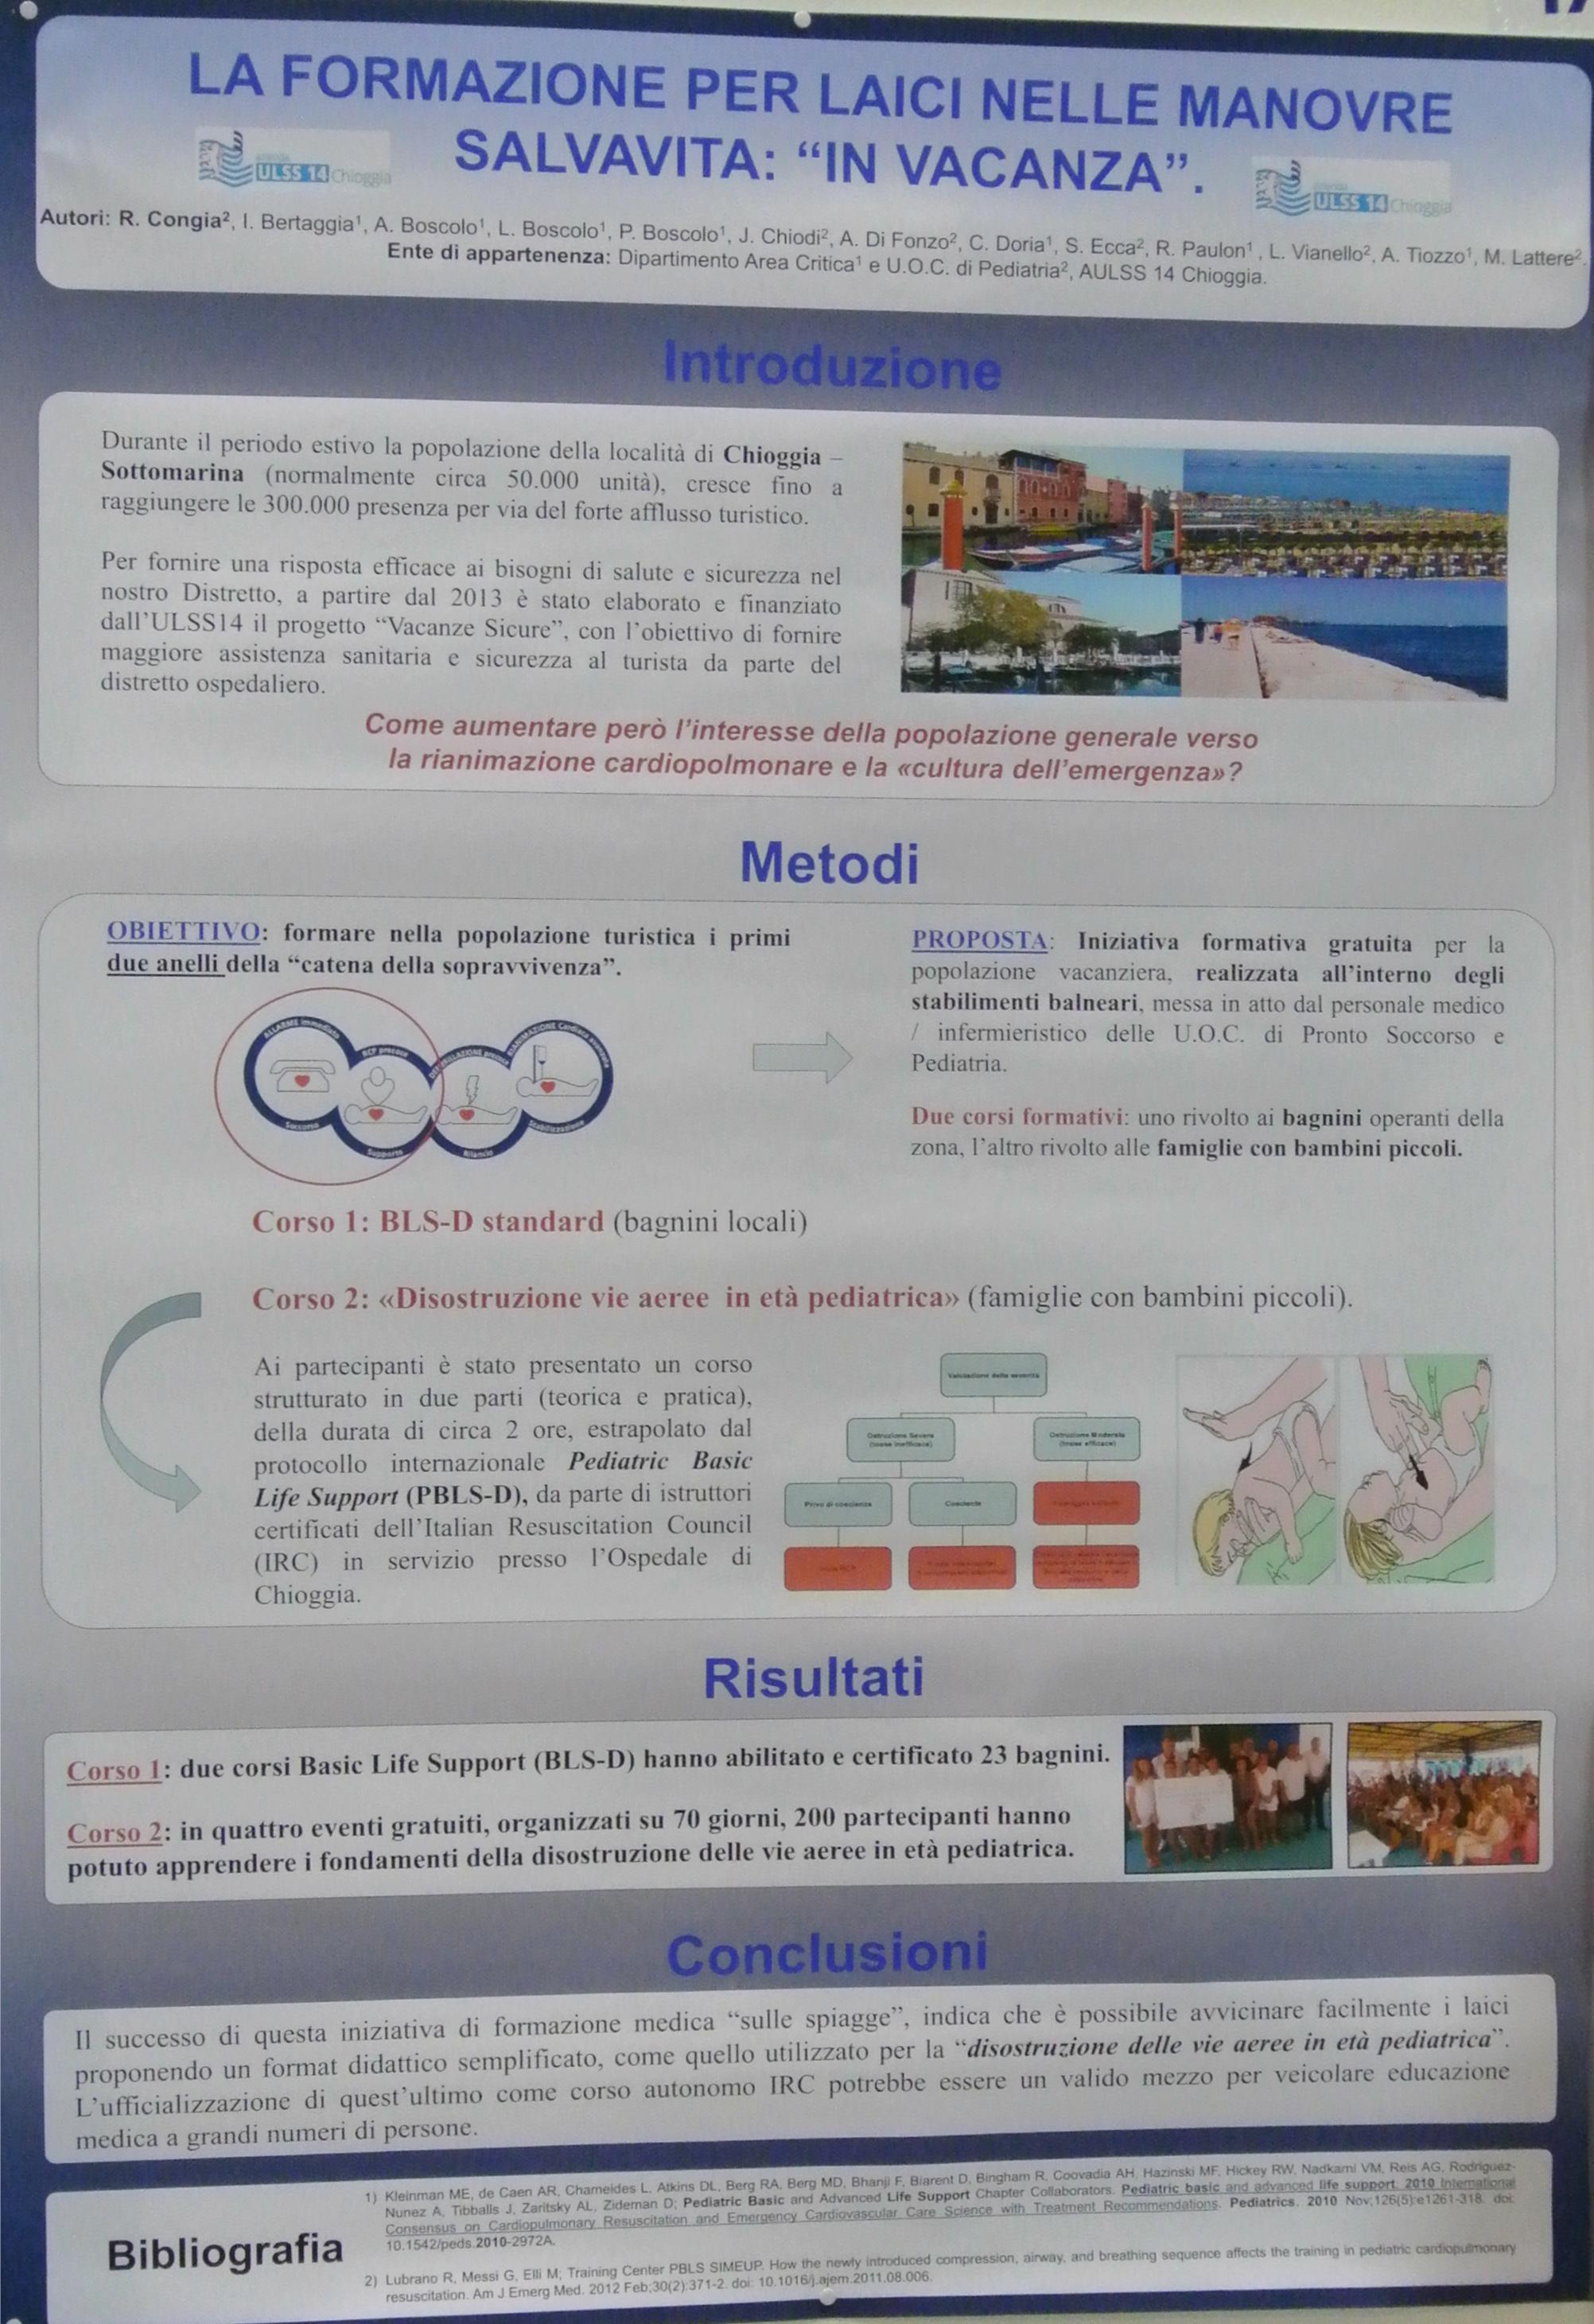 17-laici-formazione-salvavita-congia-bertaggia-bosolo-chiodi-fonzo-doria